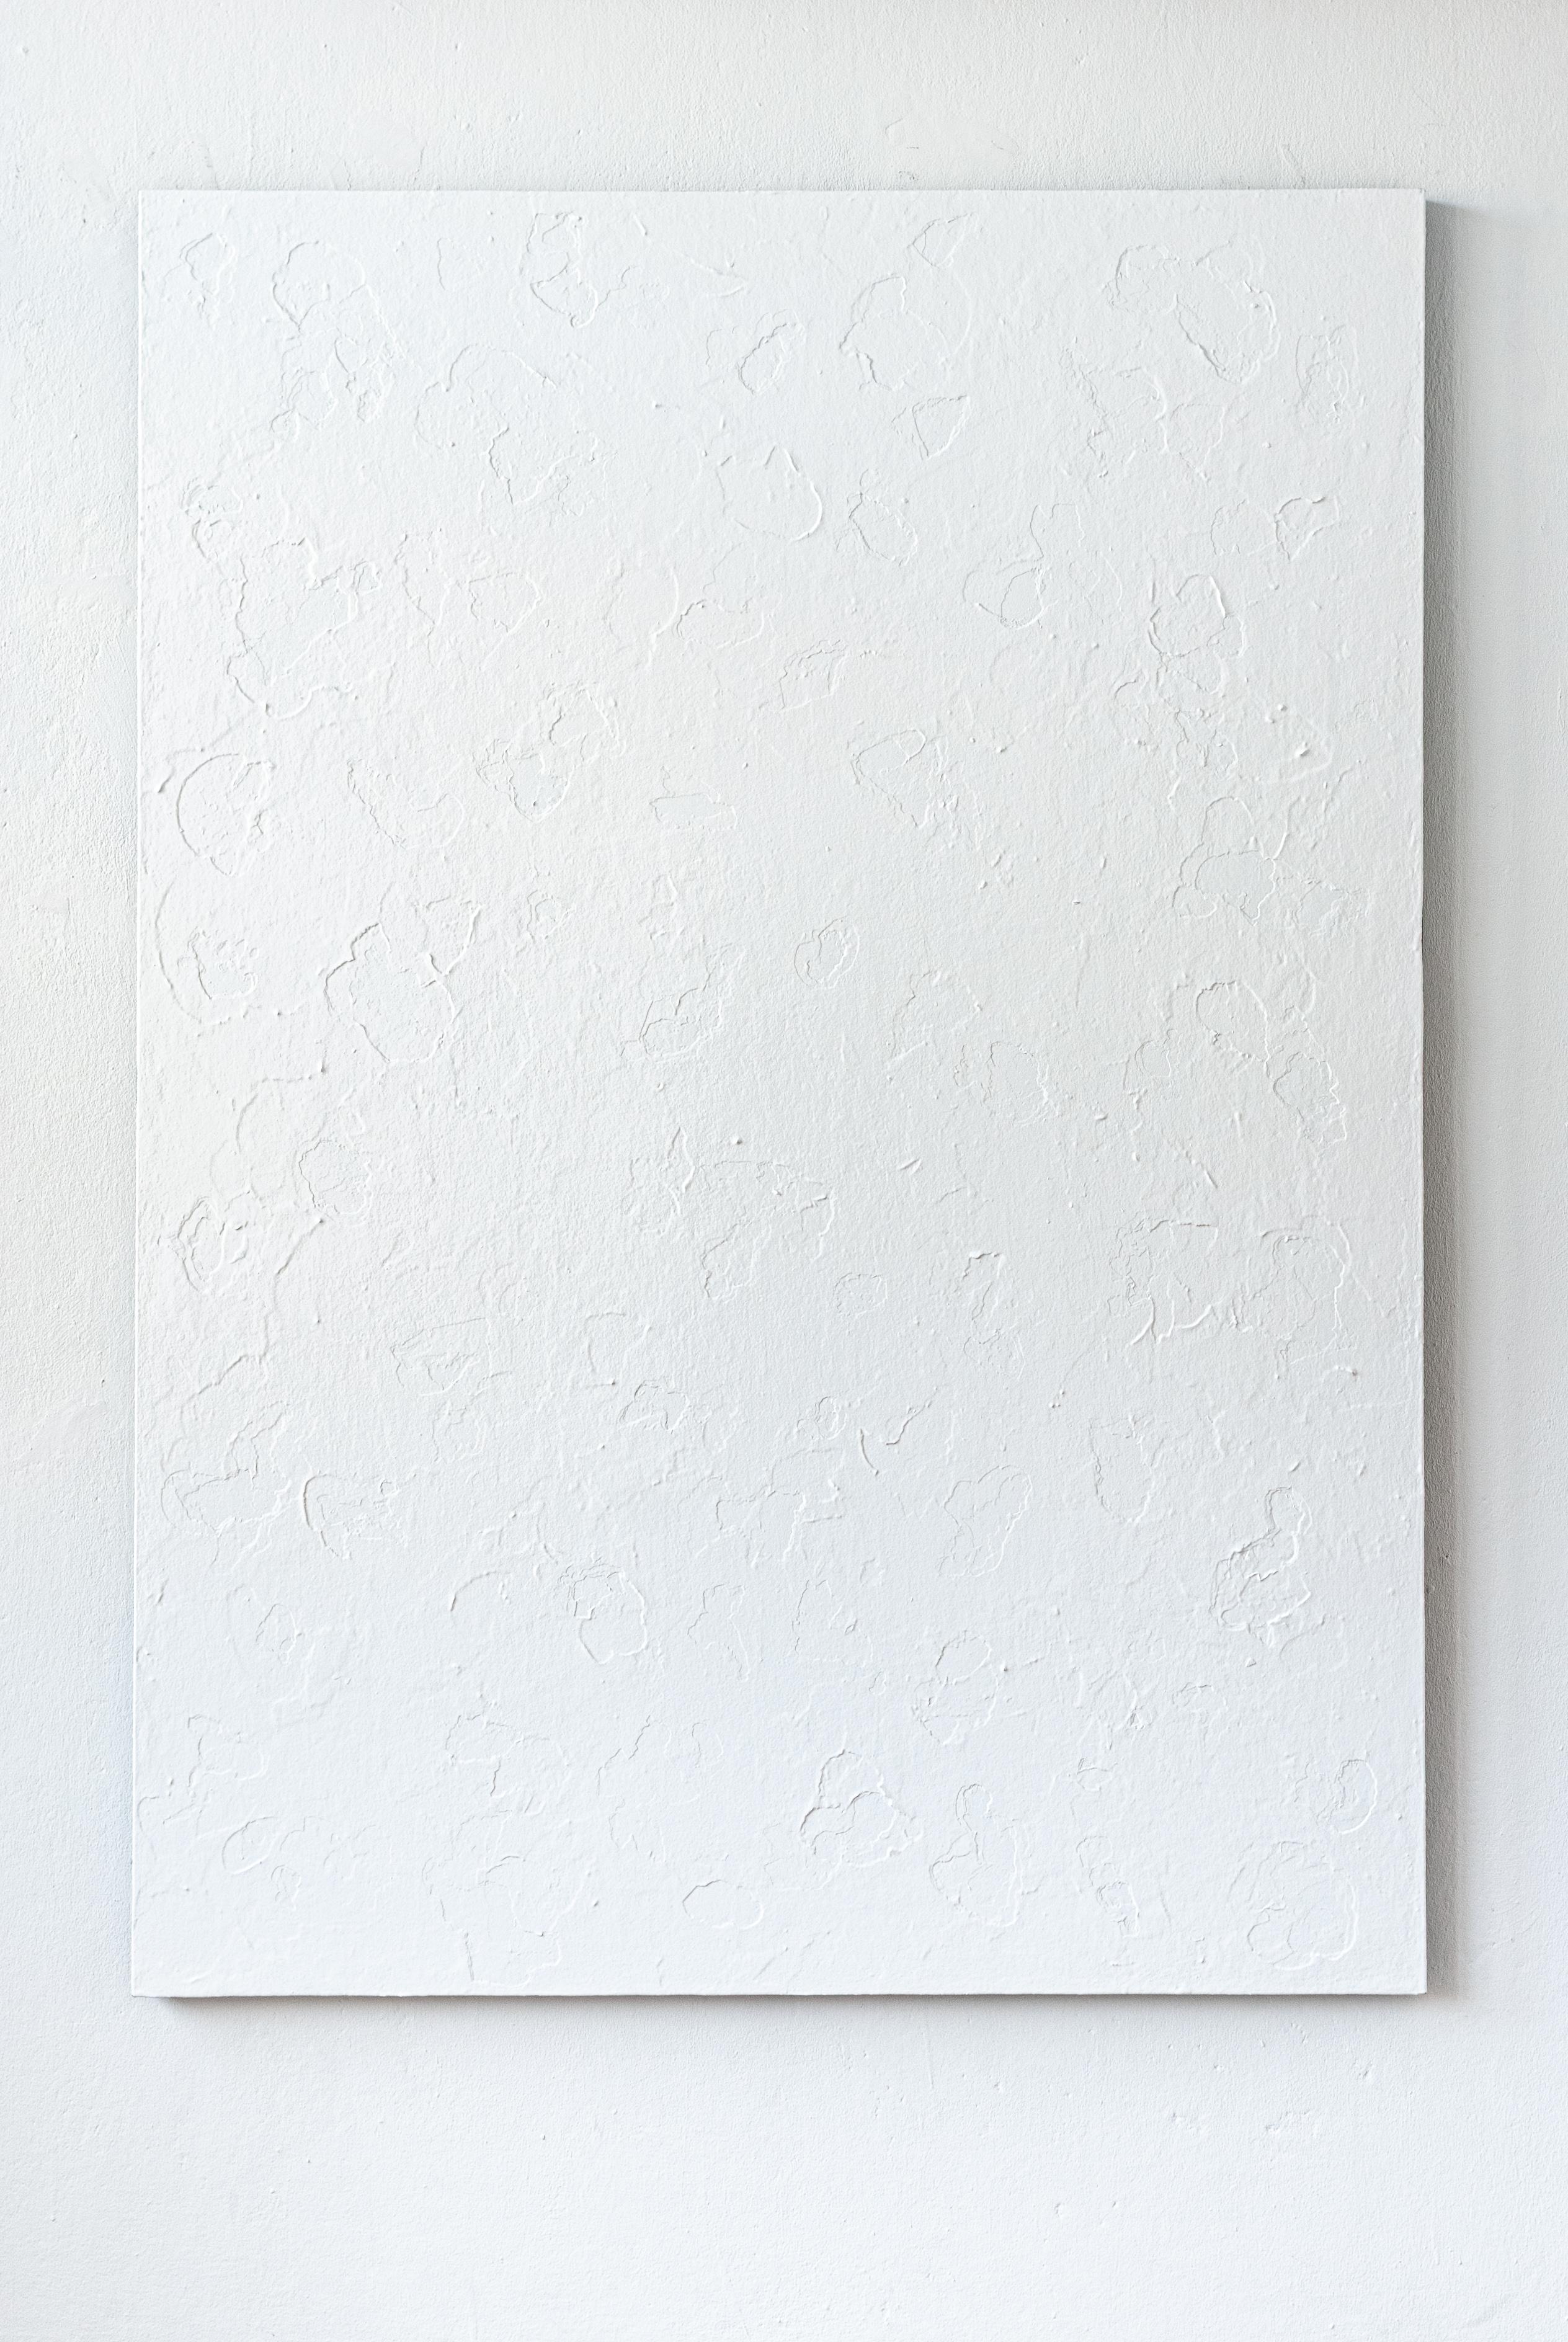 Małgorzata Pawlak, Kawałek czasu 4, 2019, 140x100, akryl na hdf